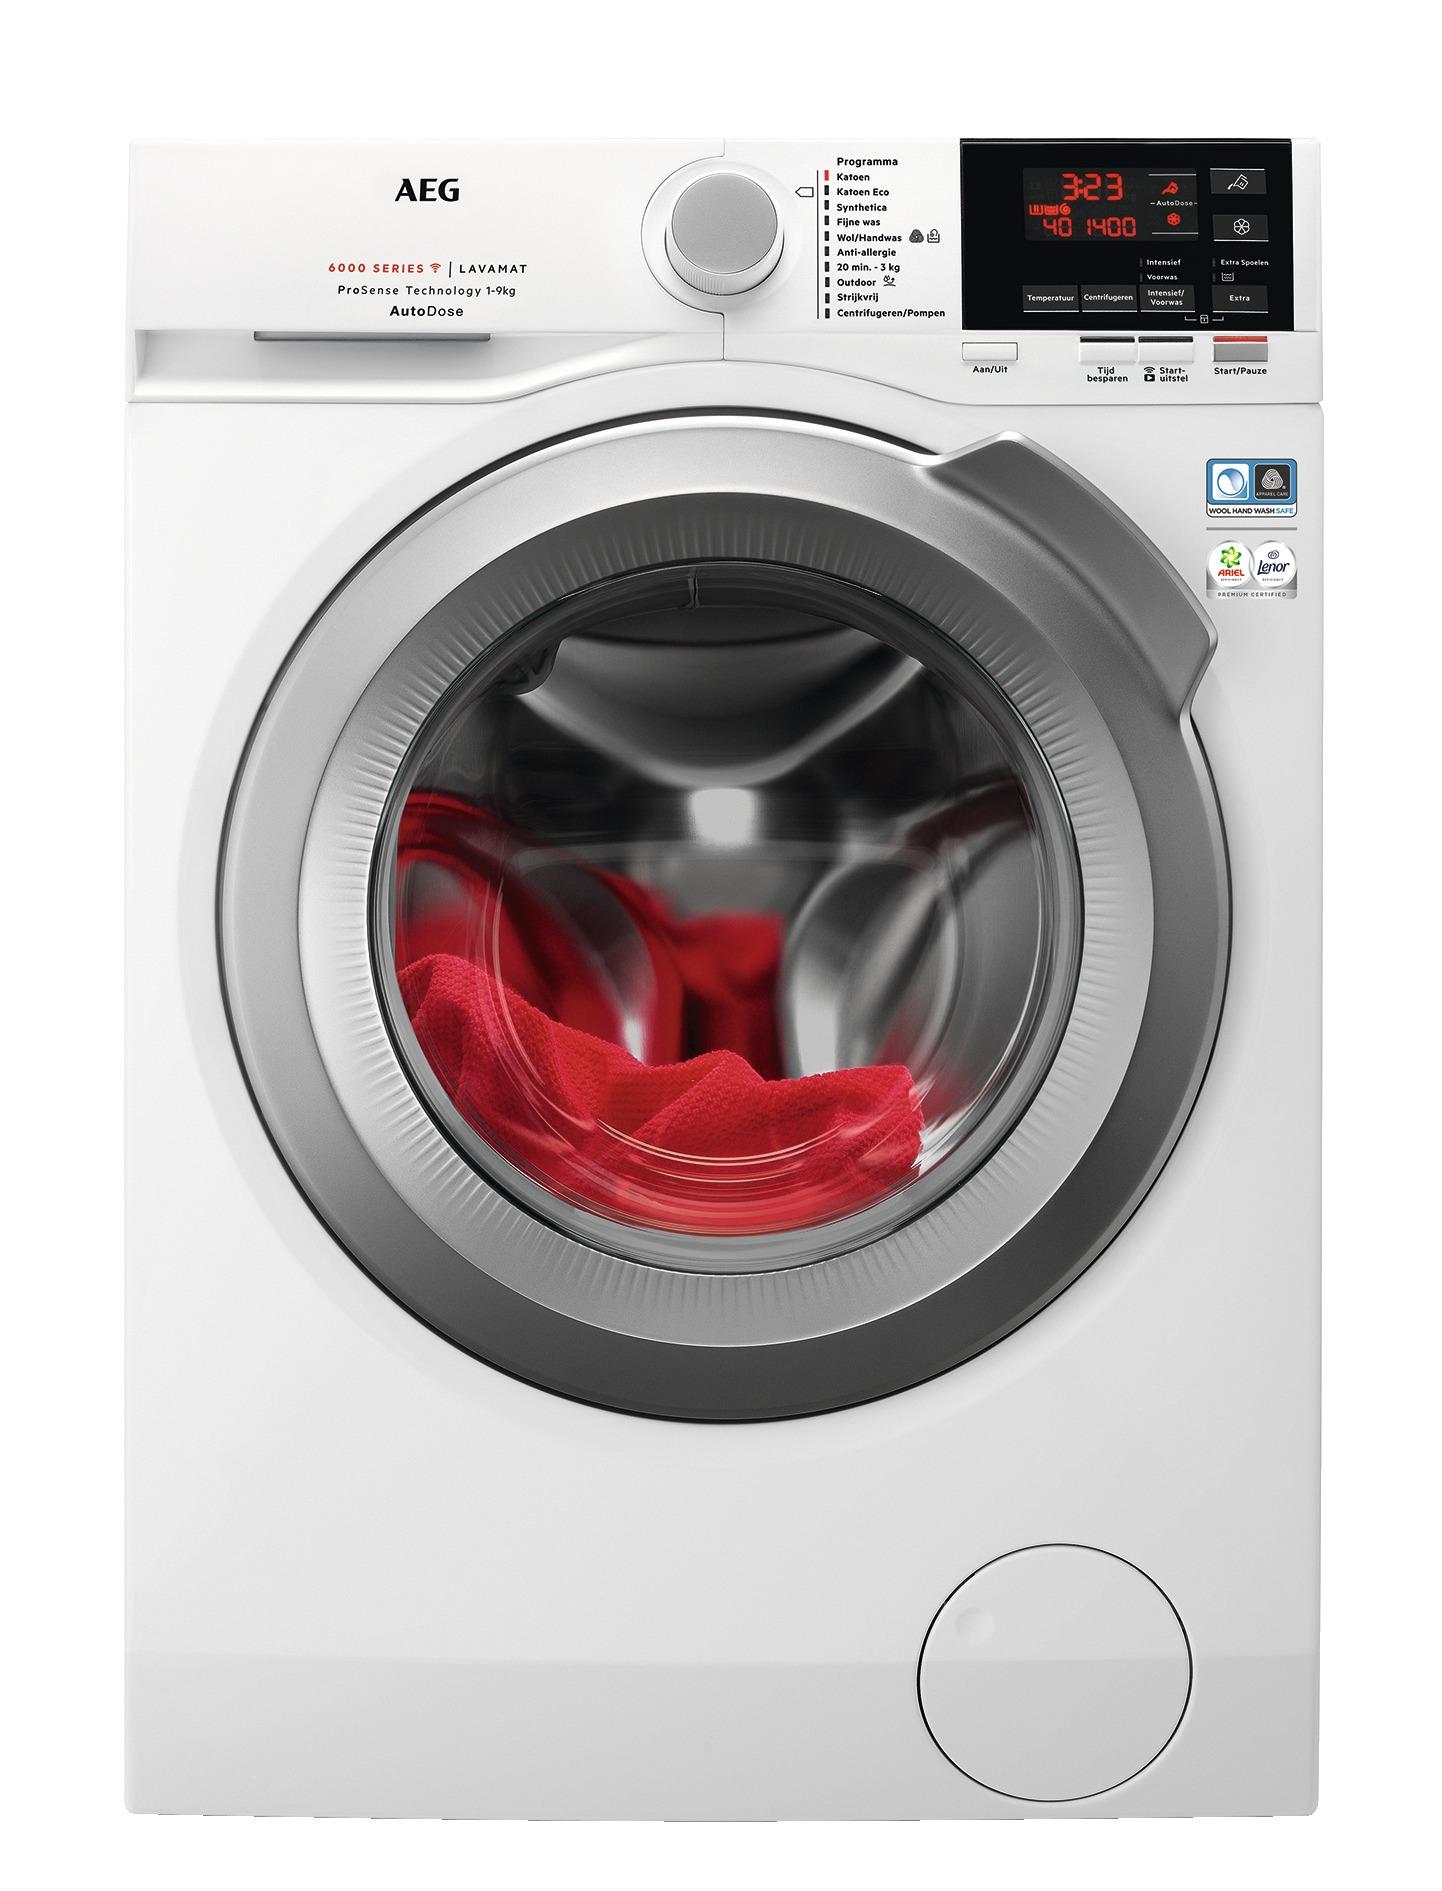 AEG L6FBAUTO ProSense AutoDose Wasmachine